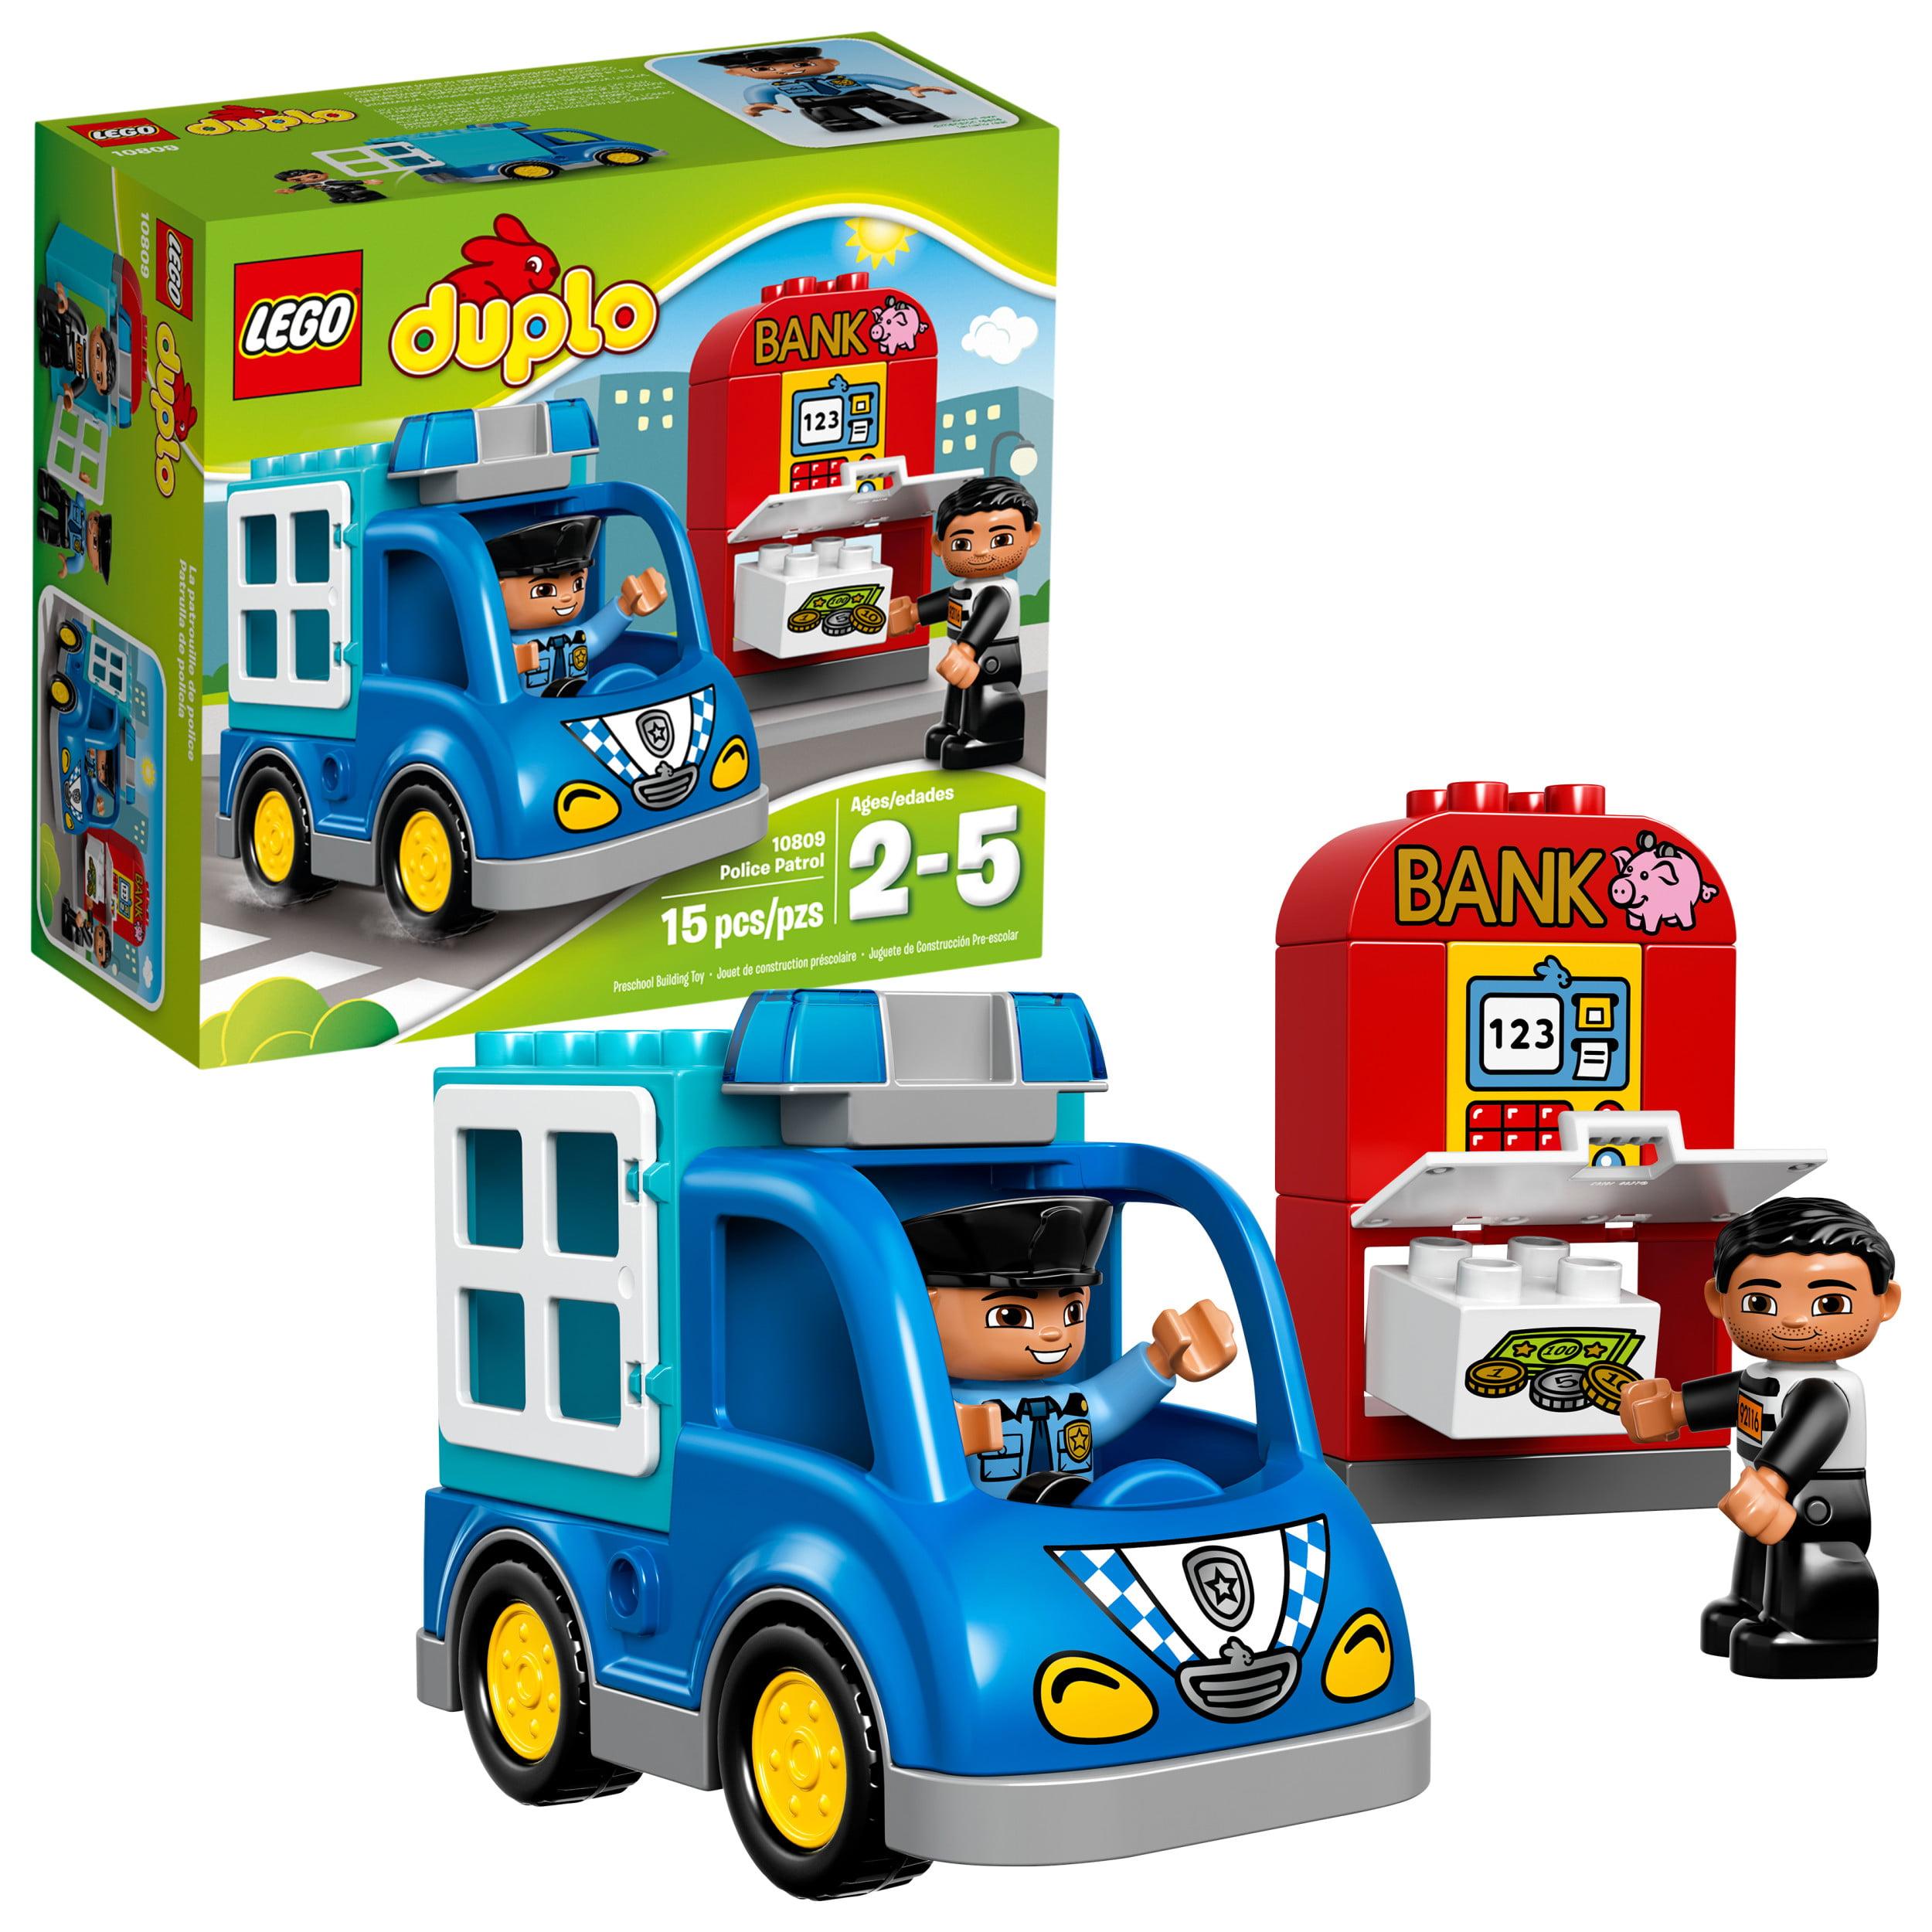 Lego DUPLO Police Patrol 10809 Preschool Building Toy 15 pc Box by Lego